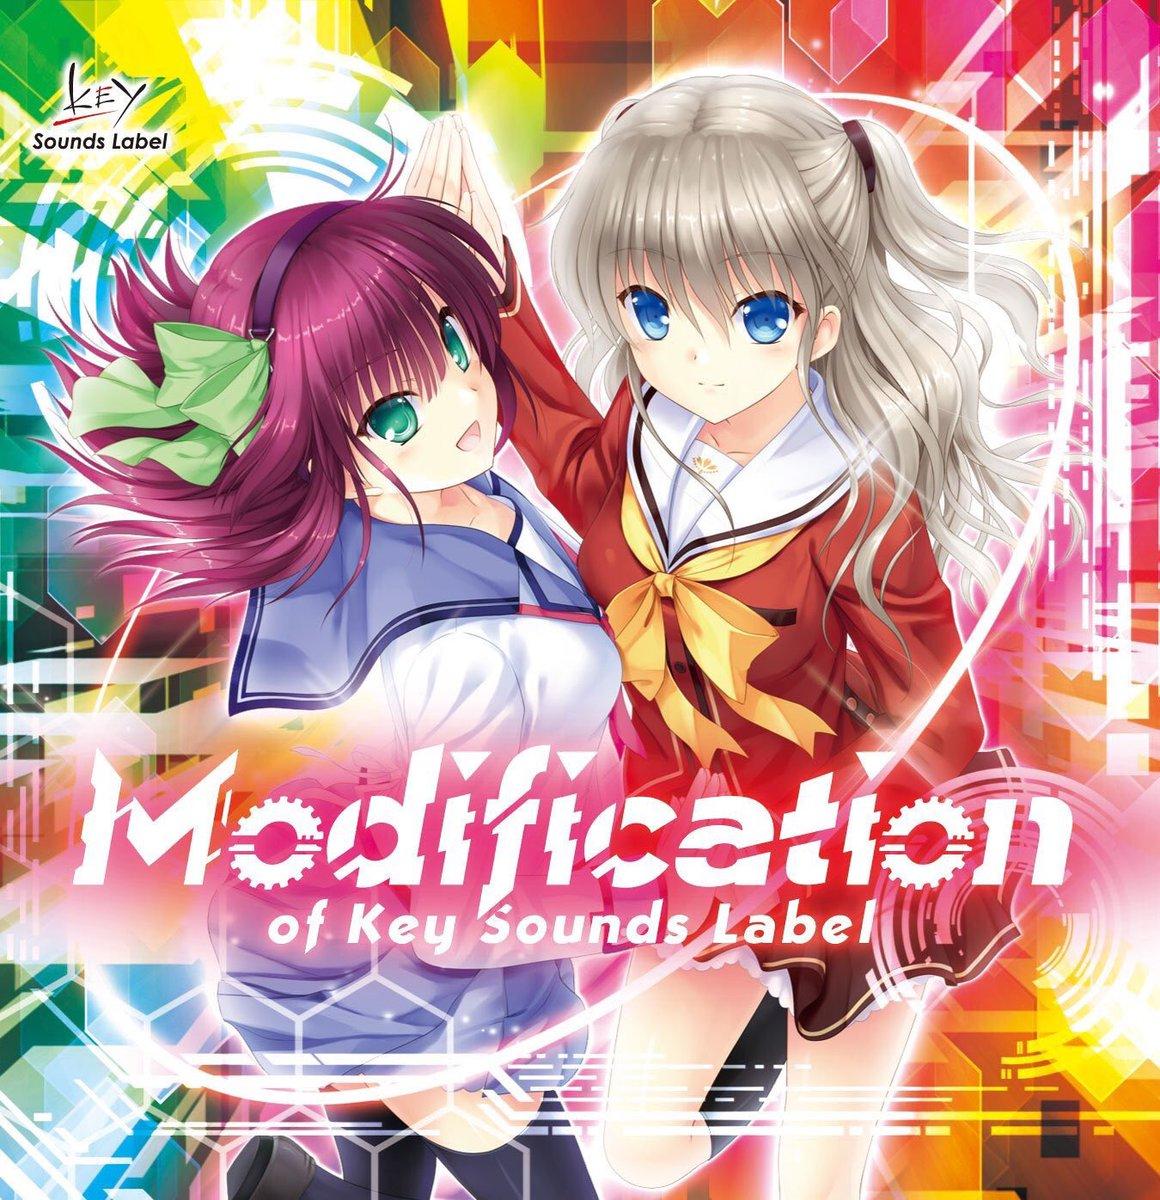 C91にて先行頒布されたKeyリミックスアルバム「Modification of Key Sounds Label」本日